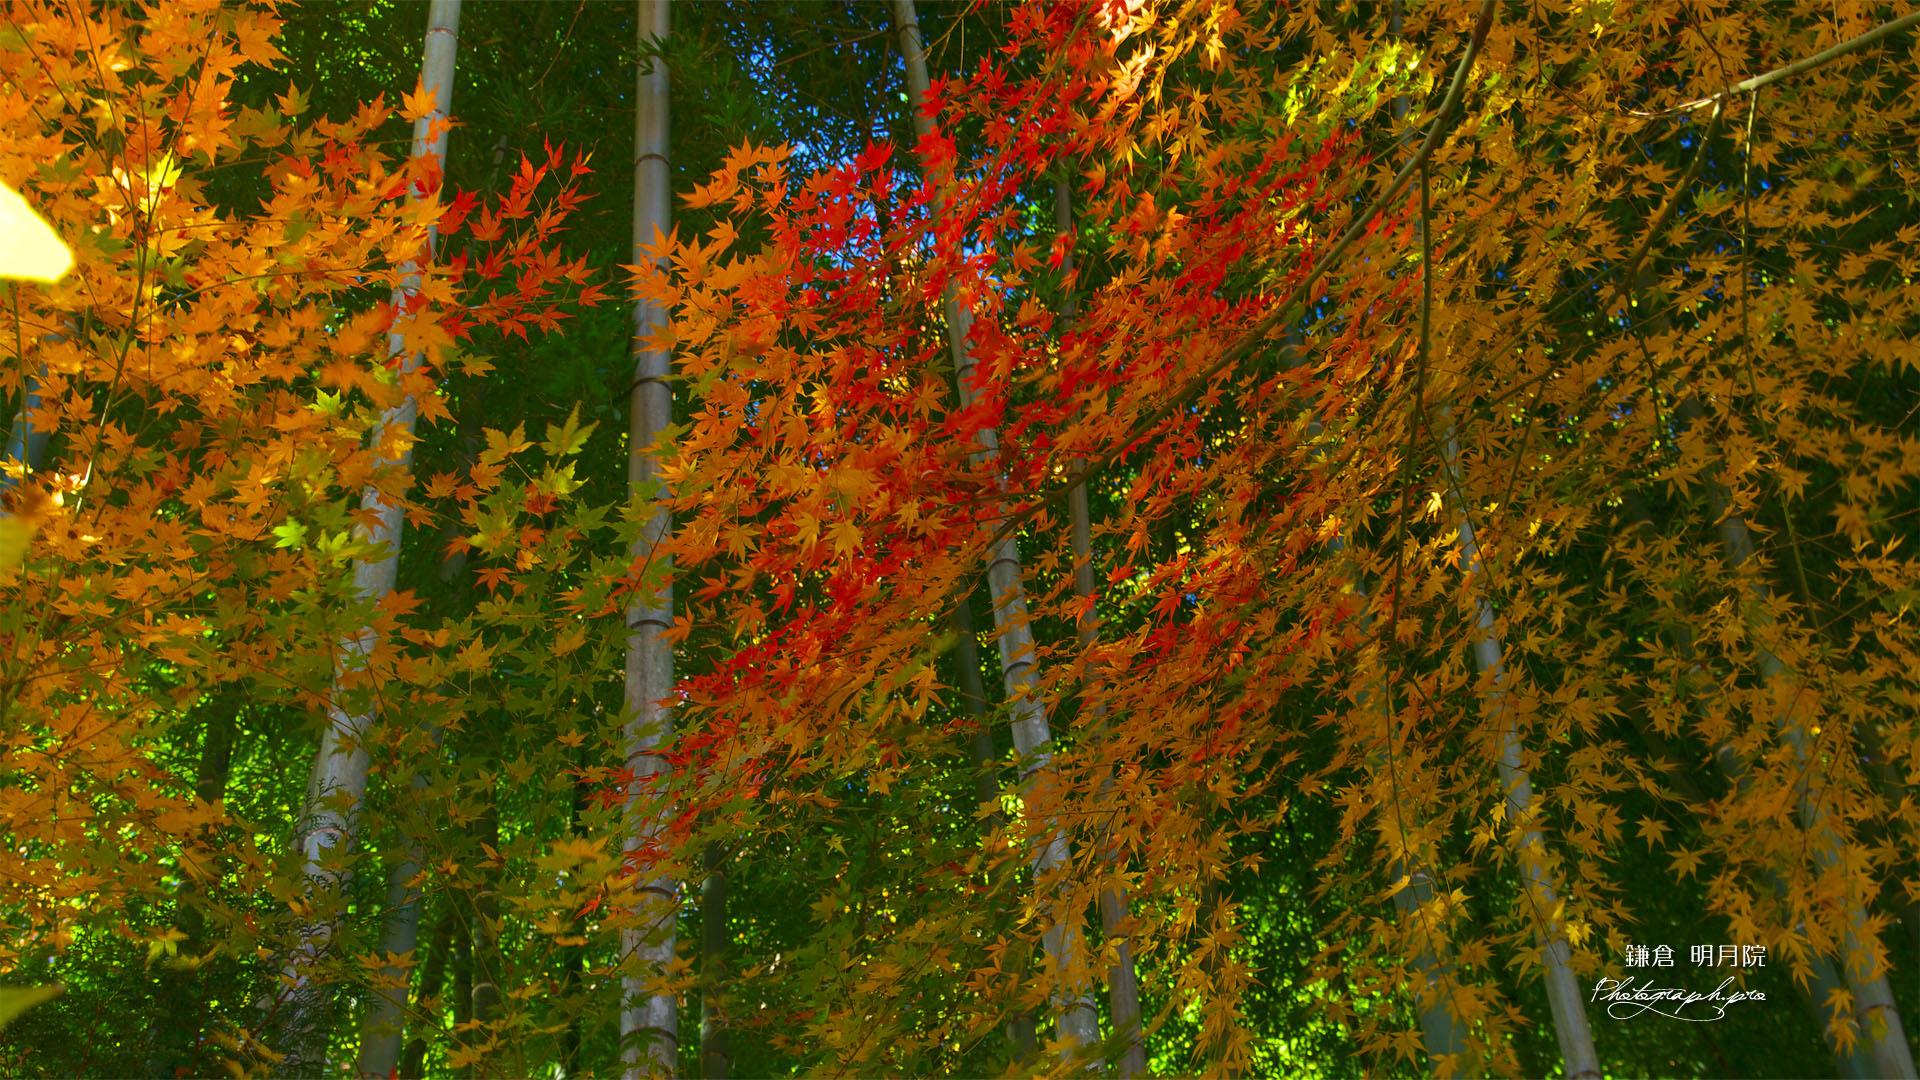 紅葉と竹林 の壁紙 19x1080